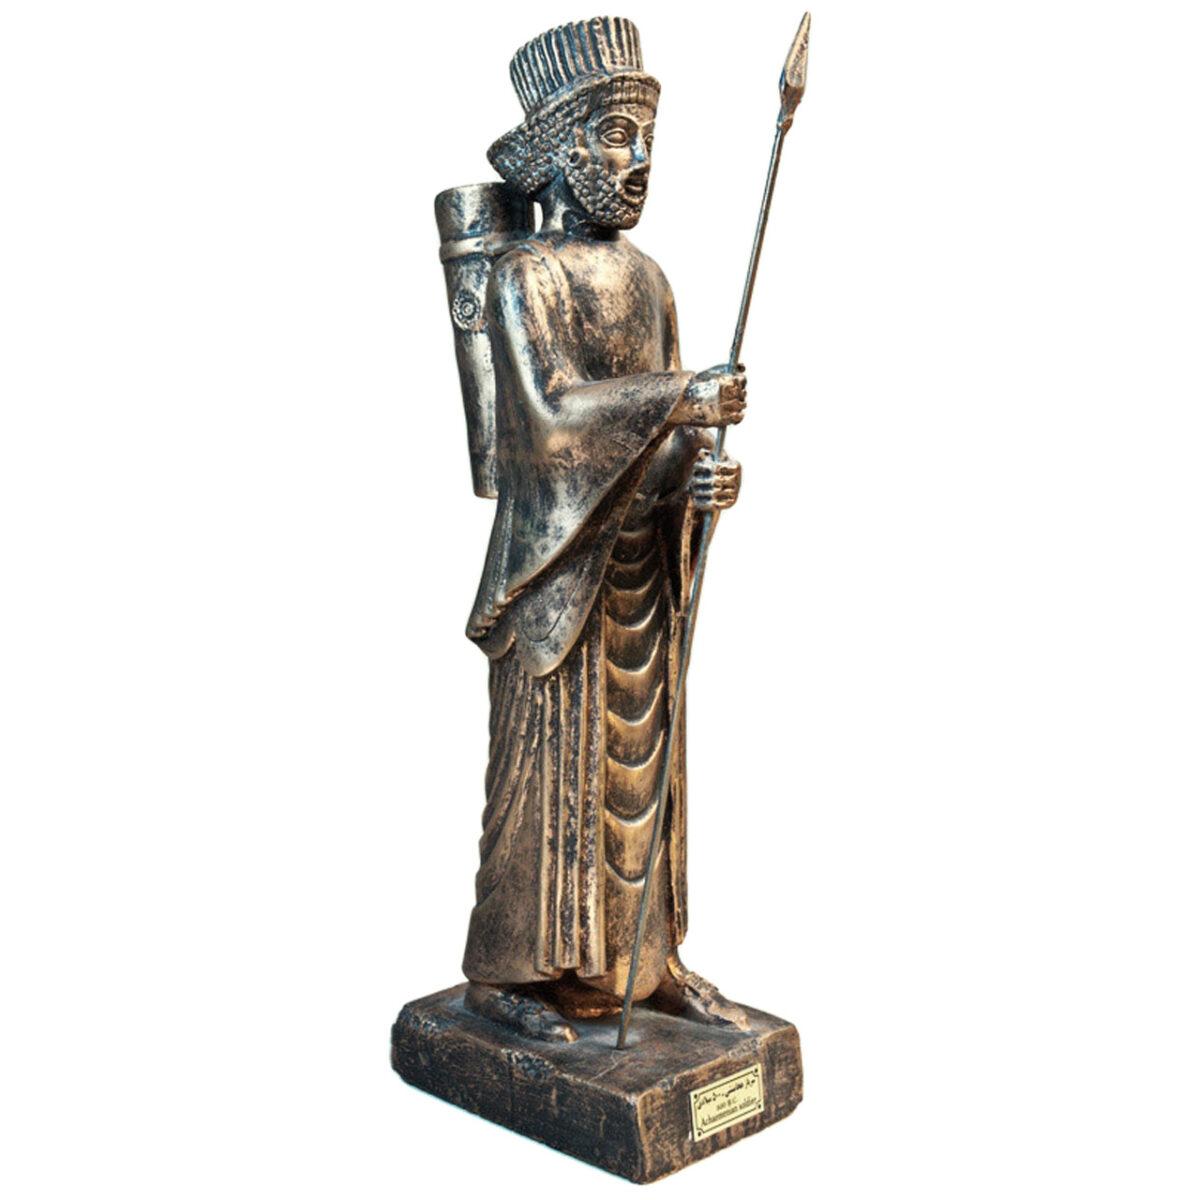 مجسمه تندیس و پیکره شهریار مدل سرباز نیزه دار هخامنشی کد MO1530 سایز بزرگ